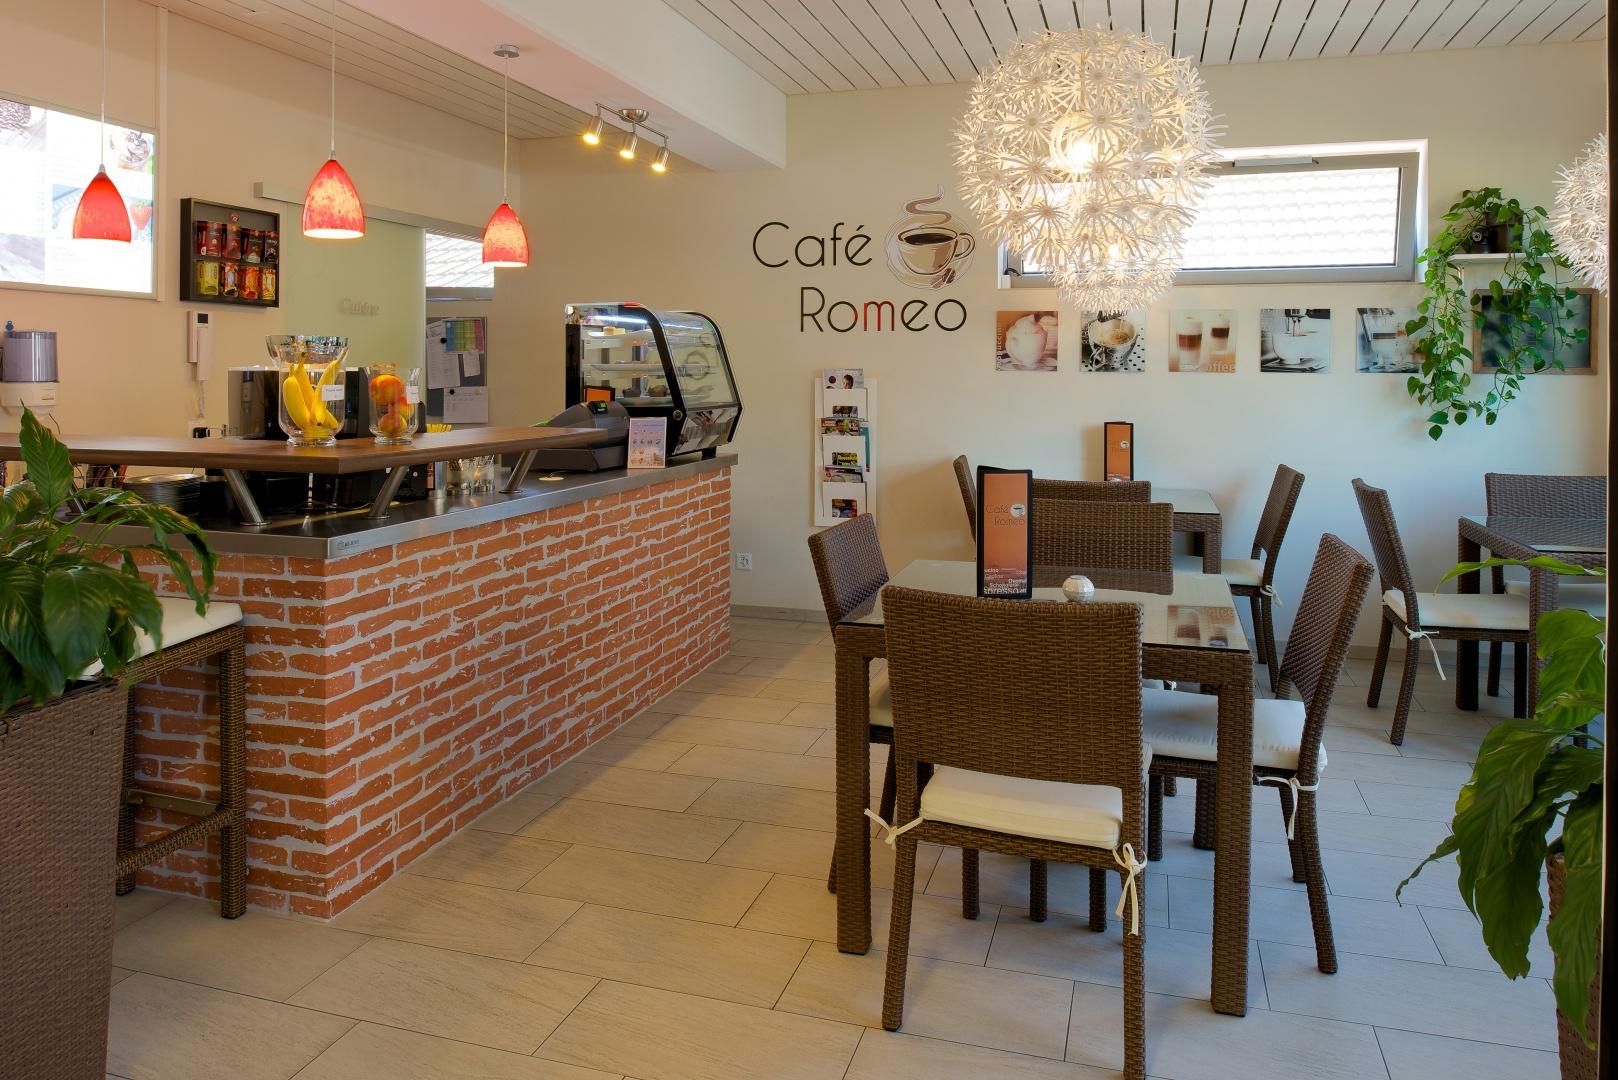 Café Romeo © Reto Meier, Kirchberg